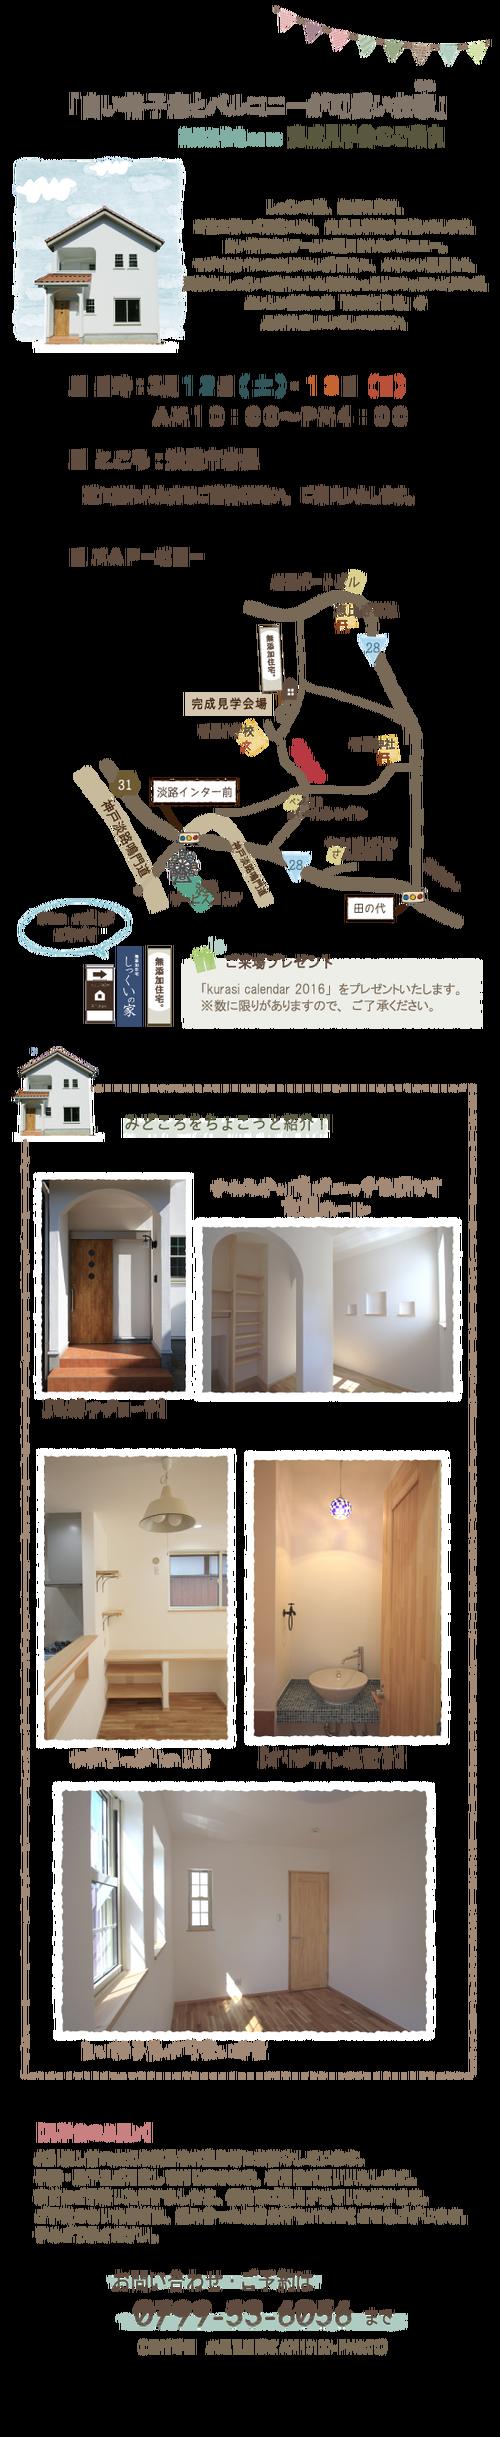 「白い格子窓とバルコニーが可愛いお家」完成見学会のおしらせ